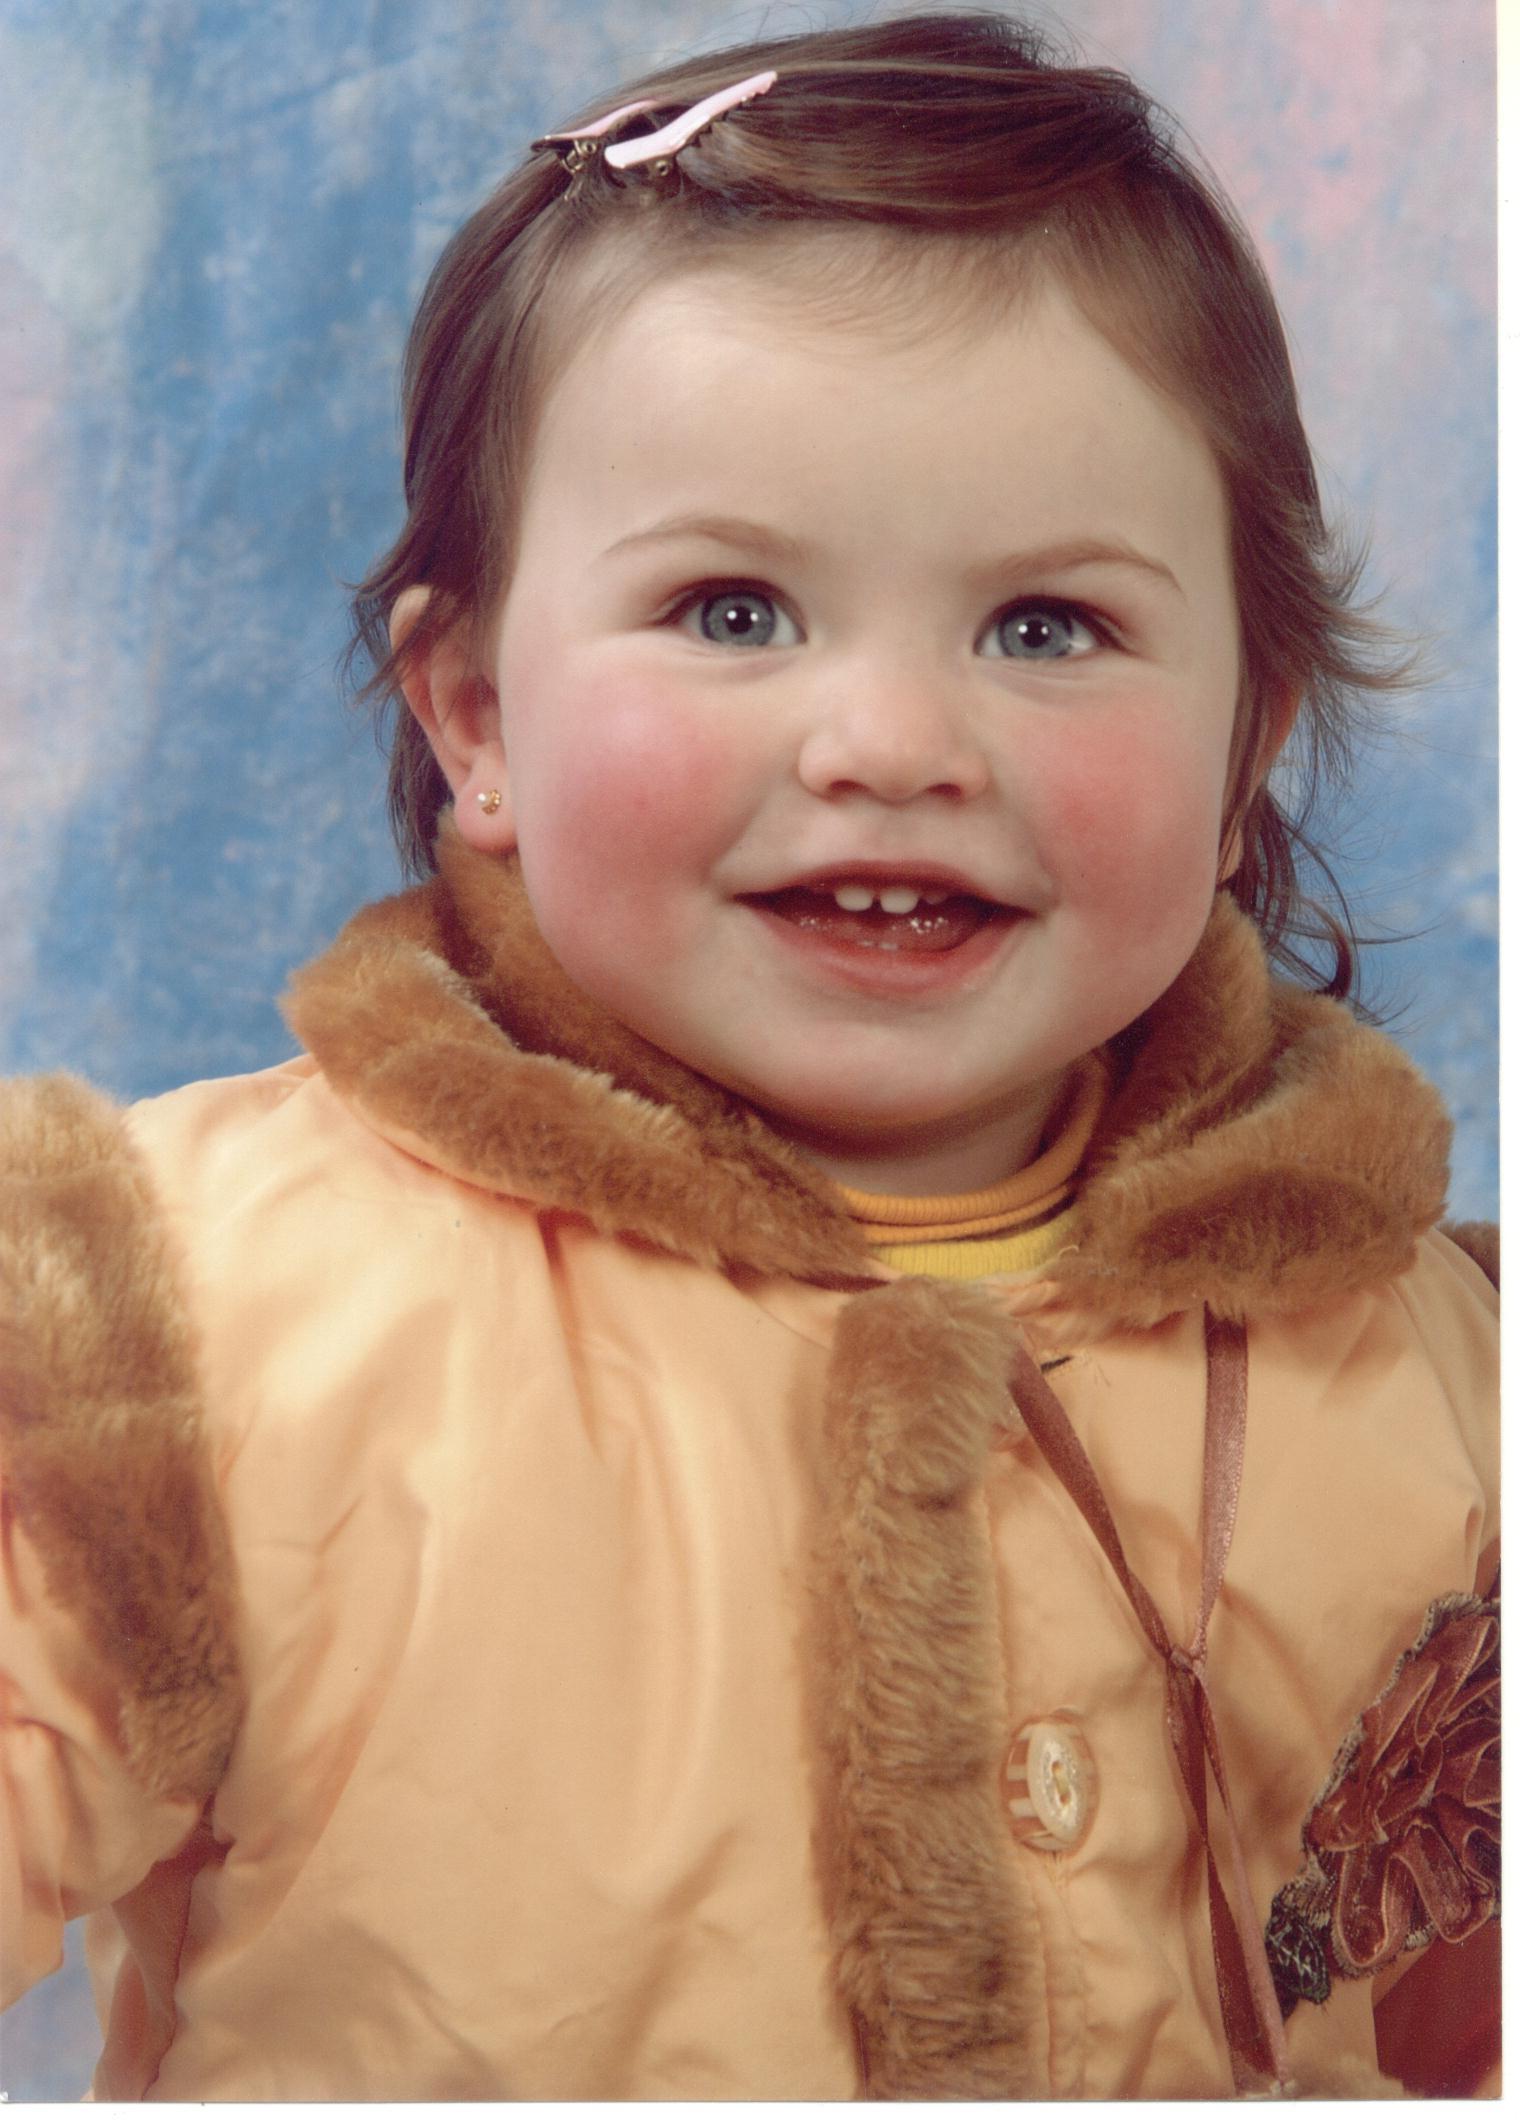 Mariana Dametto (*05/05/2005), filha de Aldo João Dametto e Marisa Mariotti Dametto, neta de Hermínio e Lurdes Bettoni Dametto.